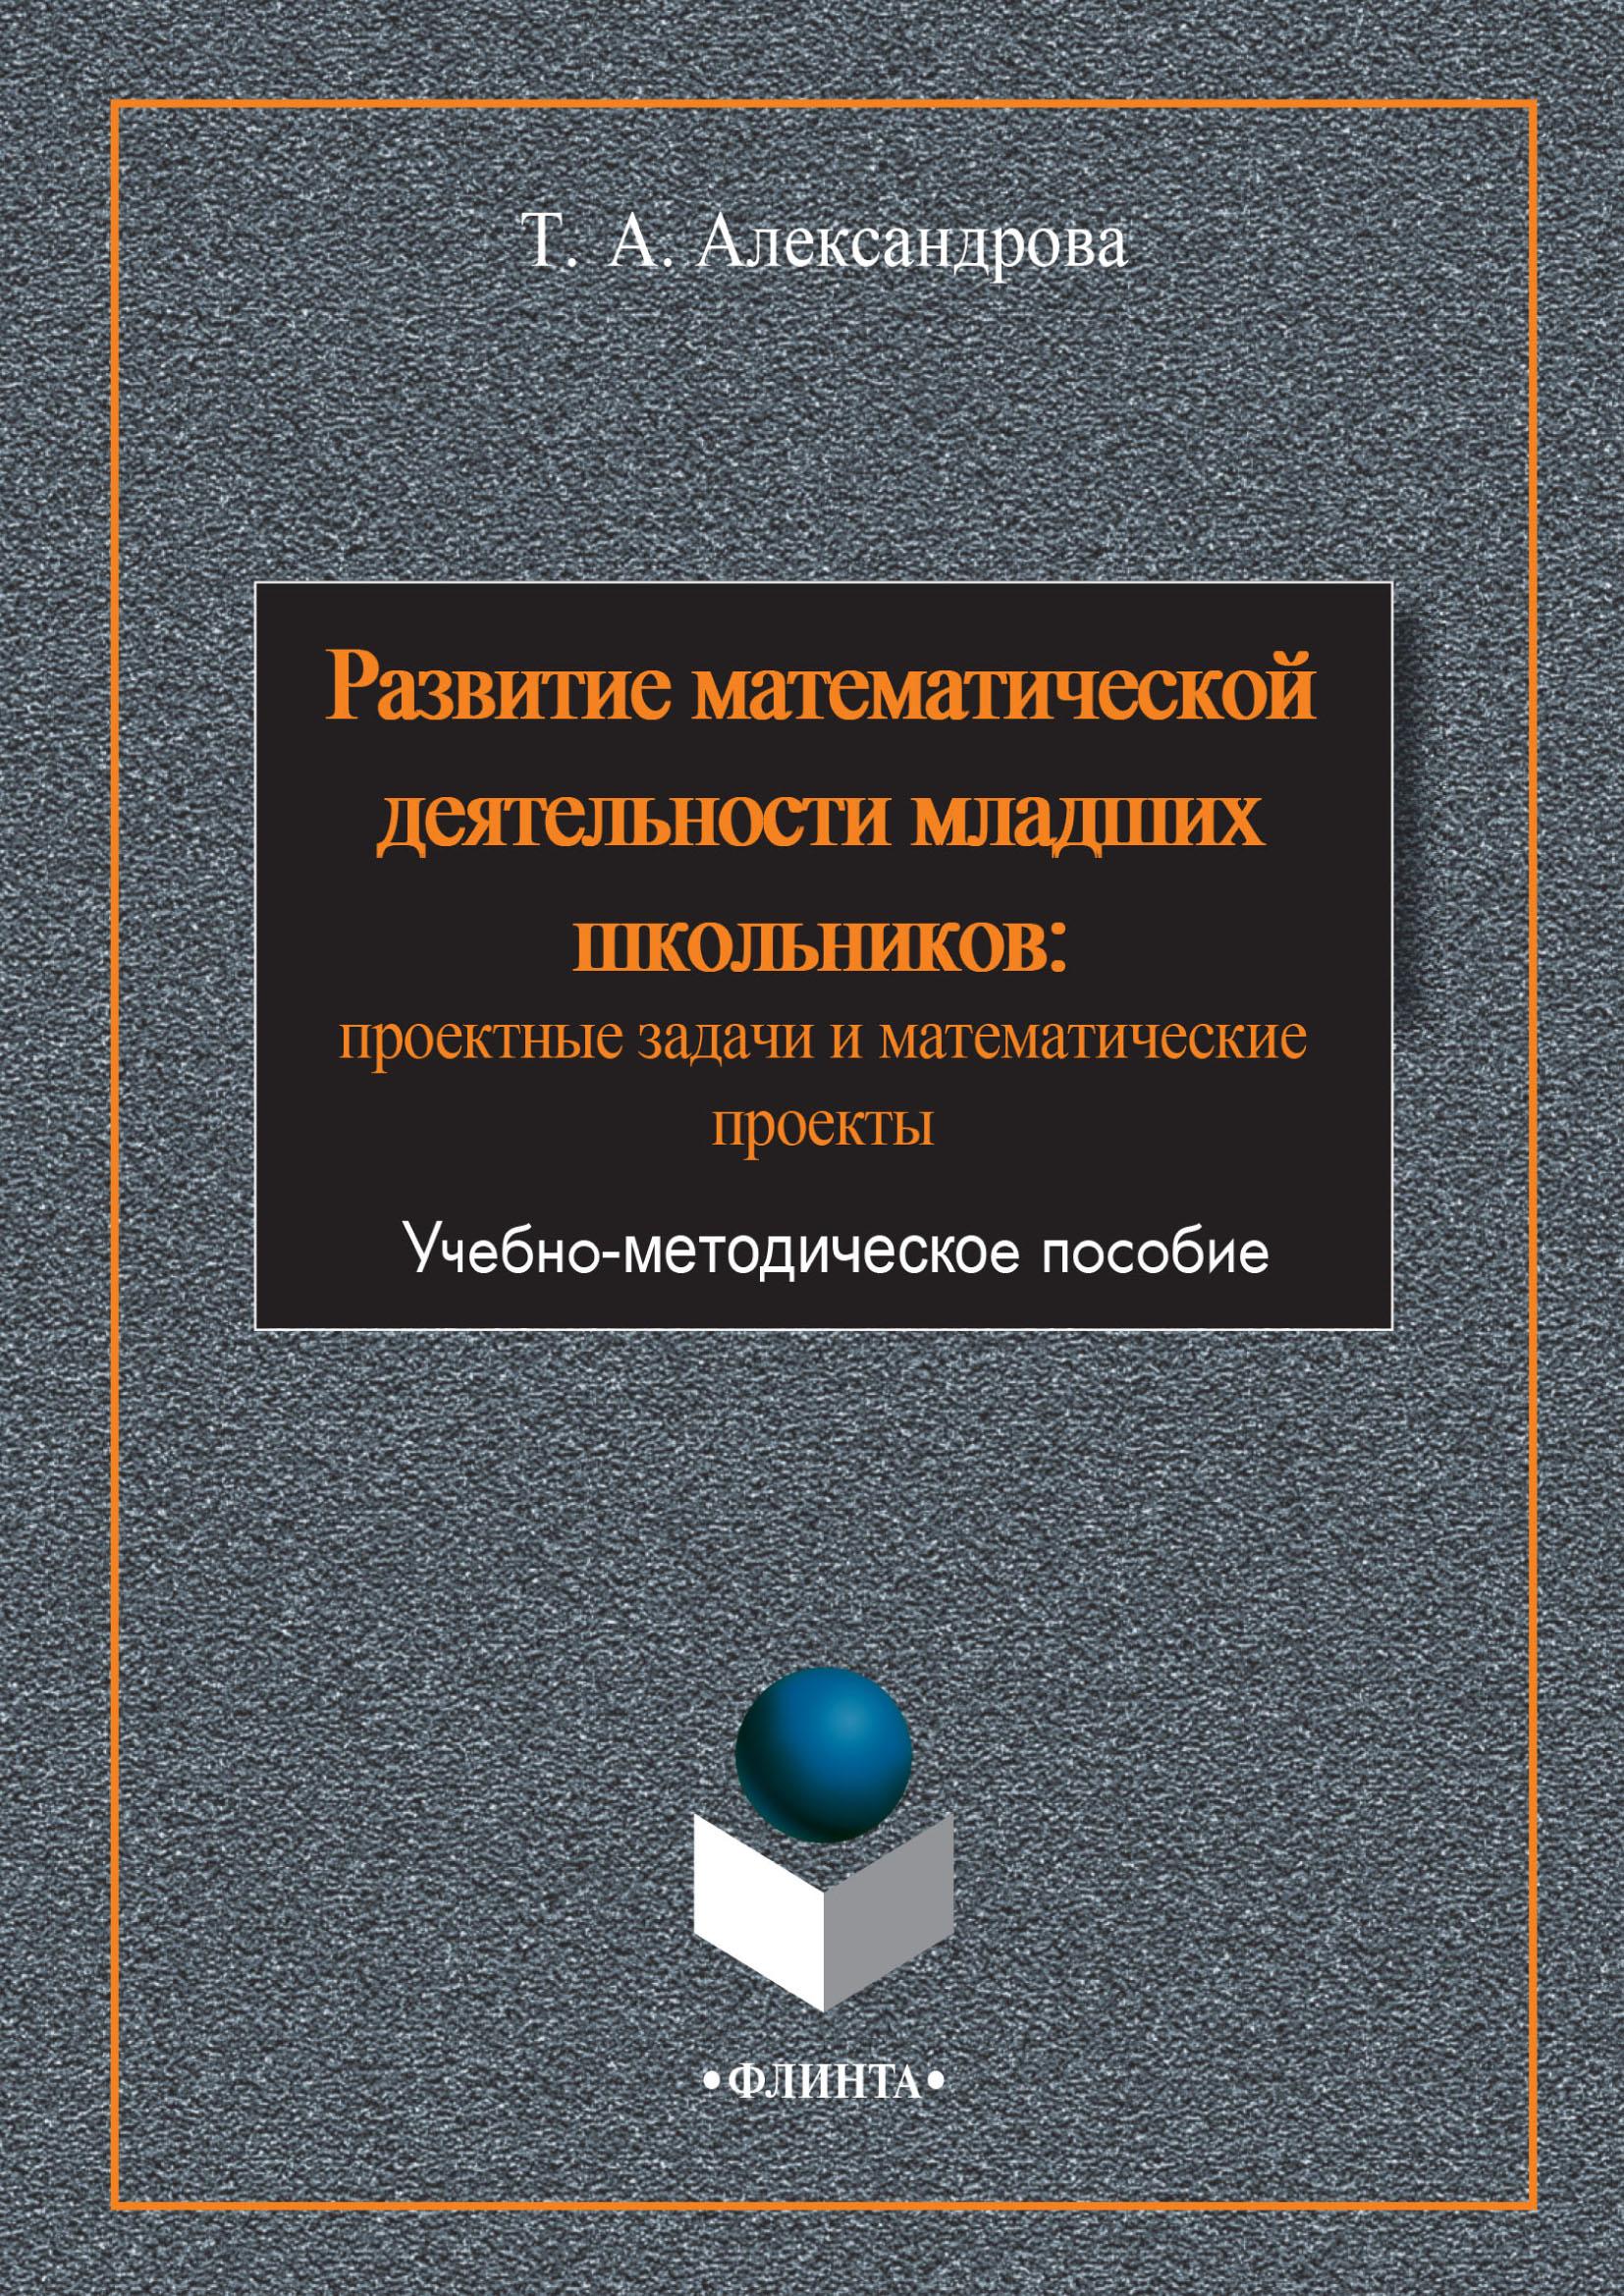 Купить книгу Развитие математической деятельности младших школьников: проектные задачи и математические проекты, автора Татьяны Александровой